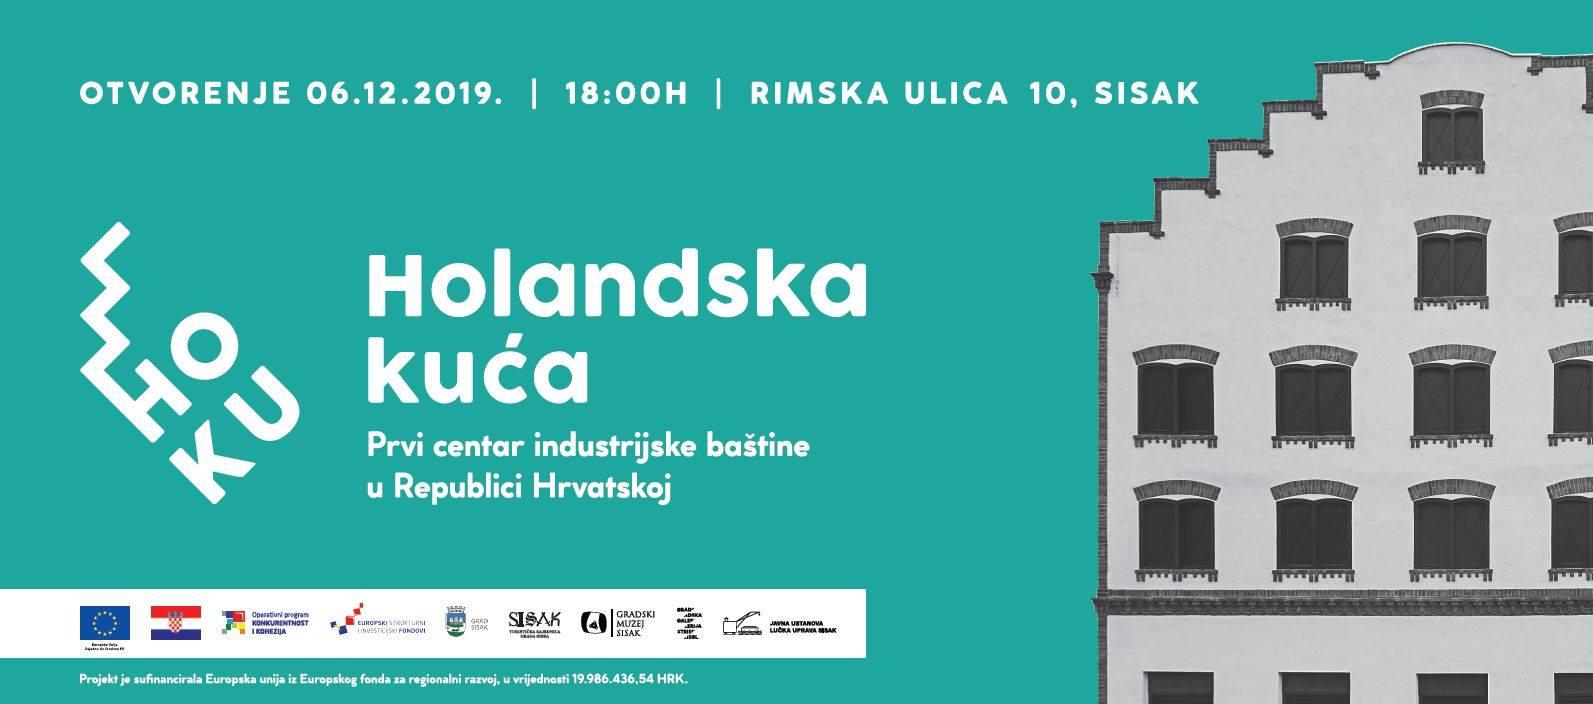 Hrvatska dobiva novu turističku atrakciju – u Sisku I. Info centar industrijske baštine